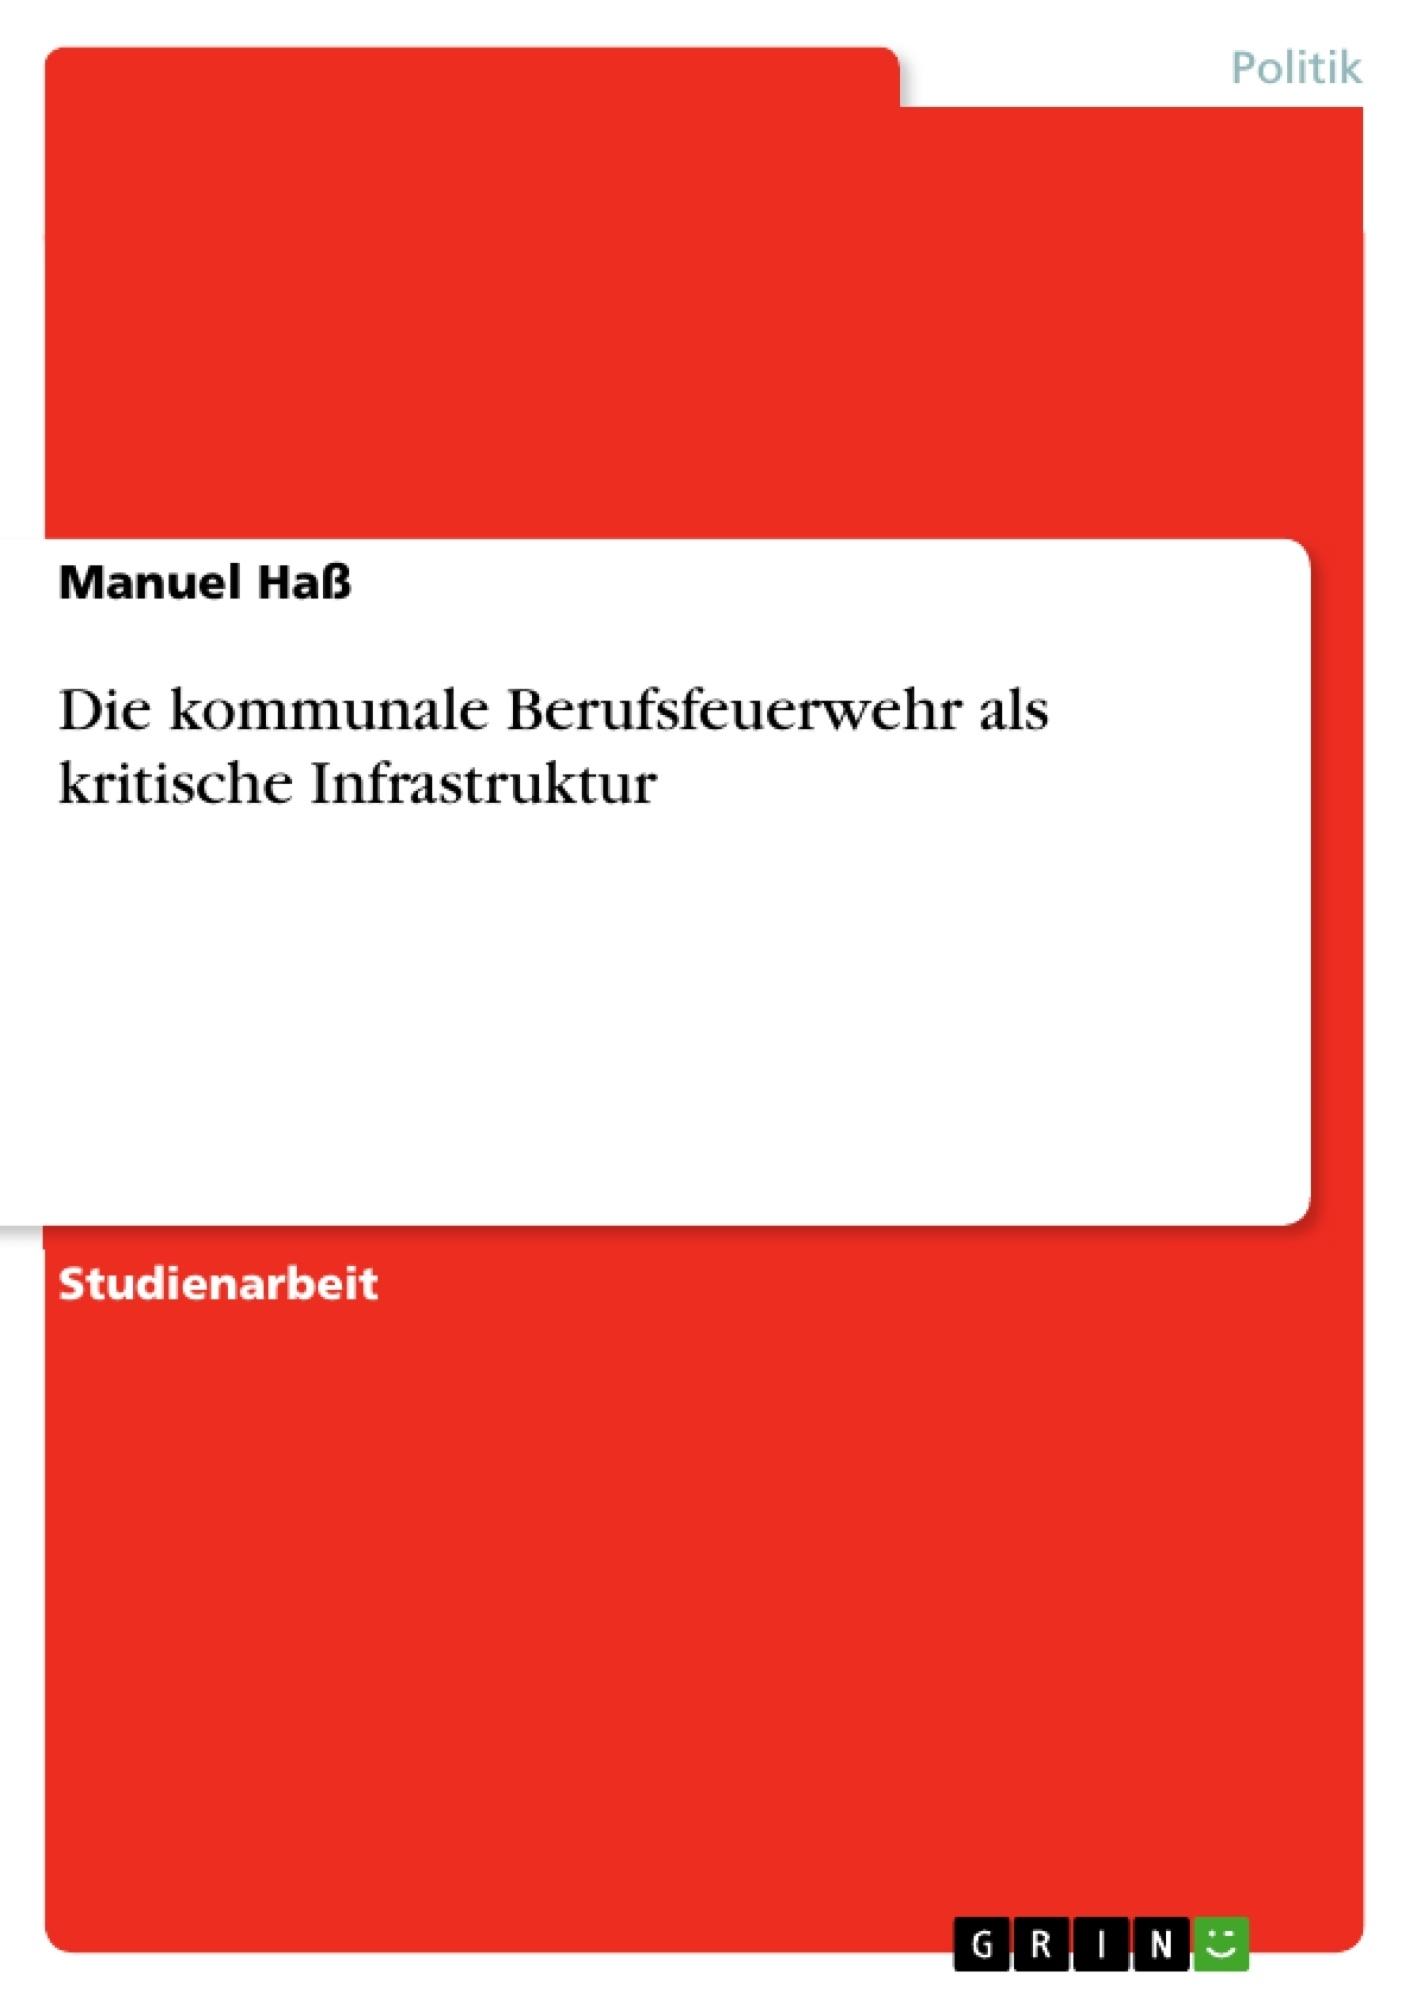 Titel: Die kommunale Berufsfeuerwehr als kritische Infrastruktur